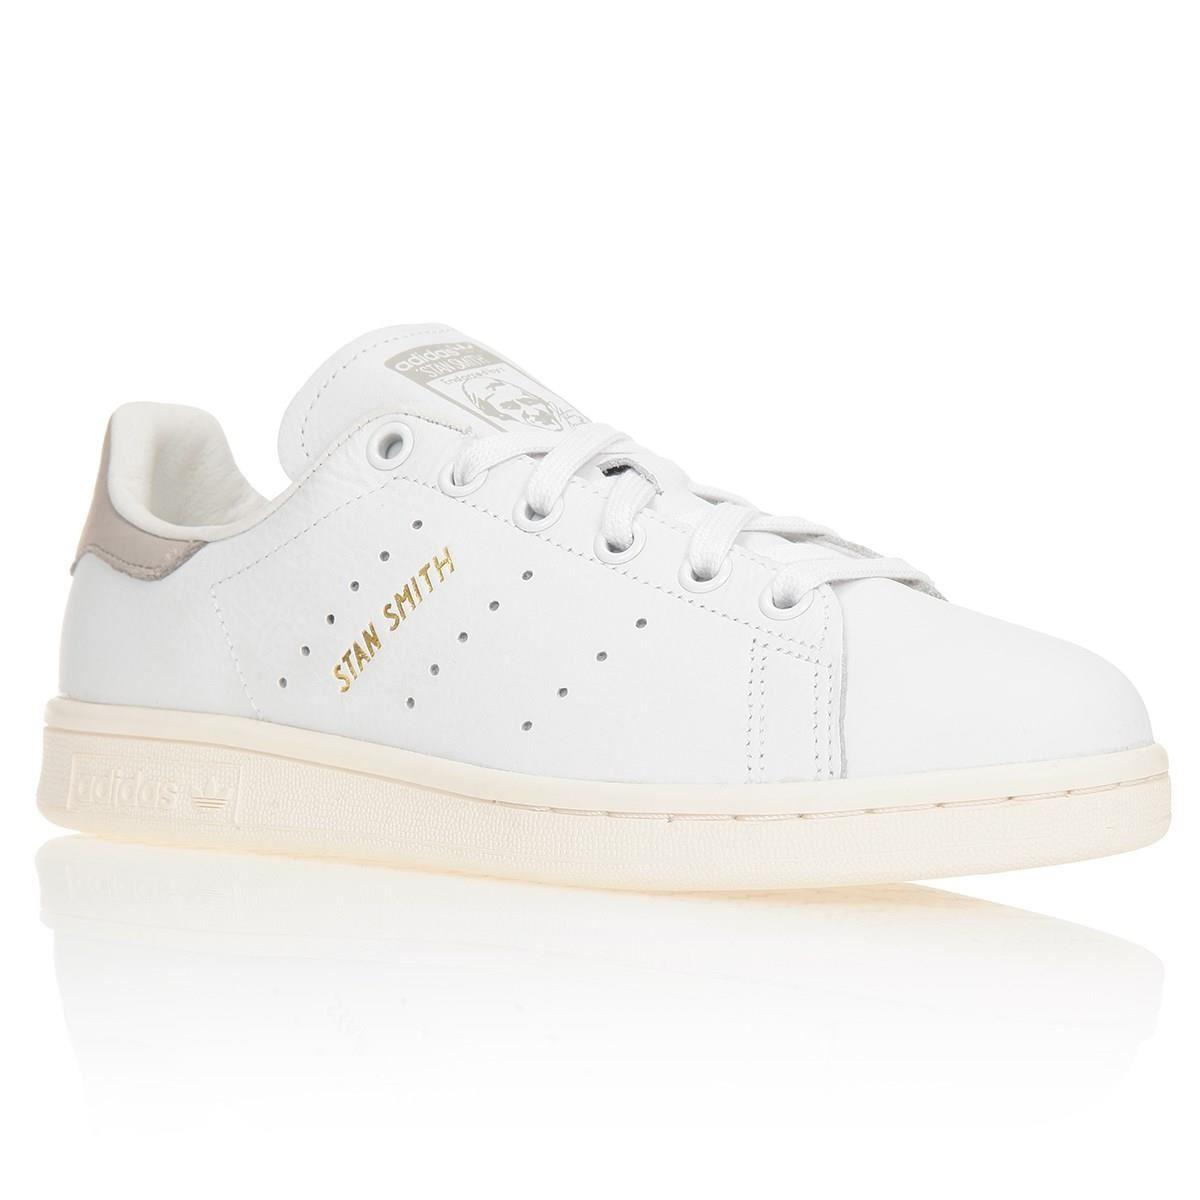 quality design 0a359 c601b adidas originals baskets stan smith femme